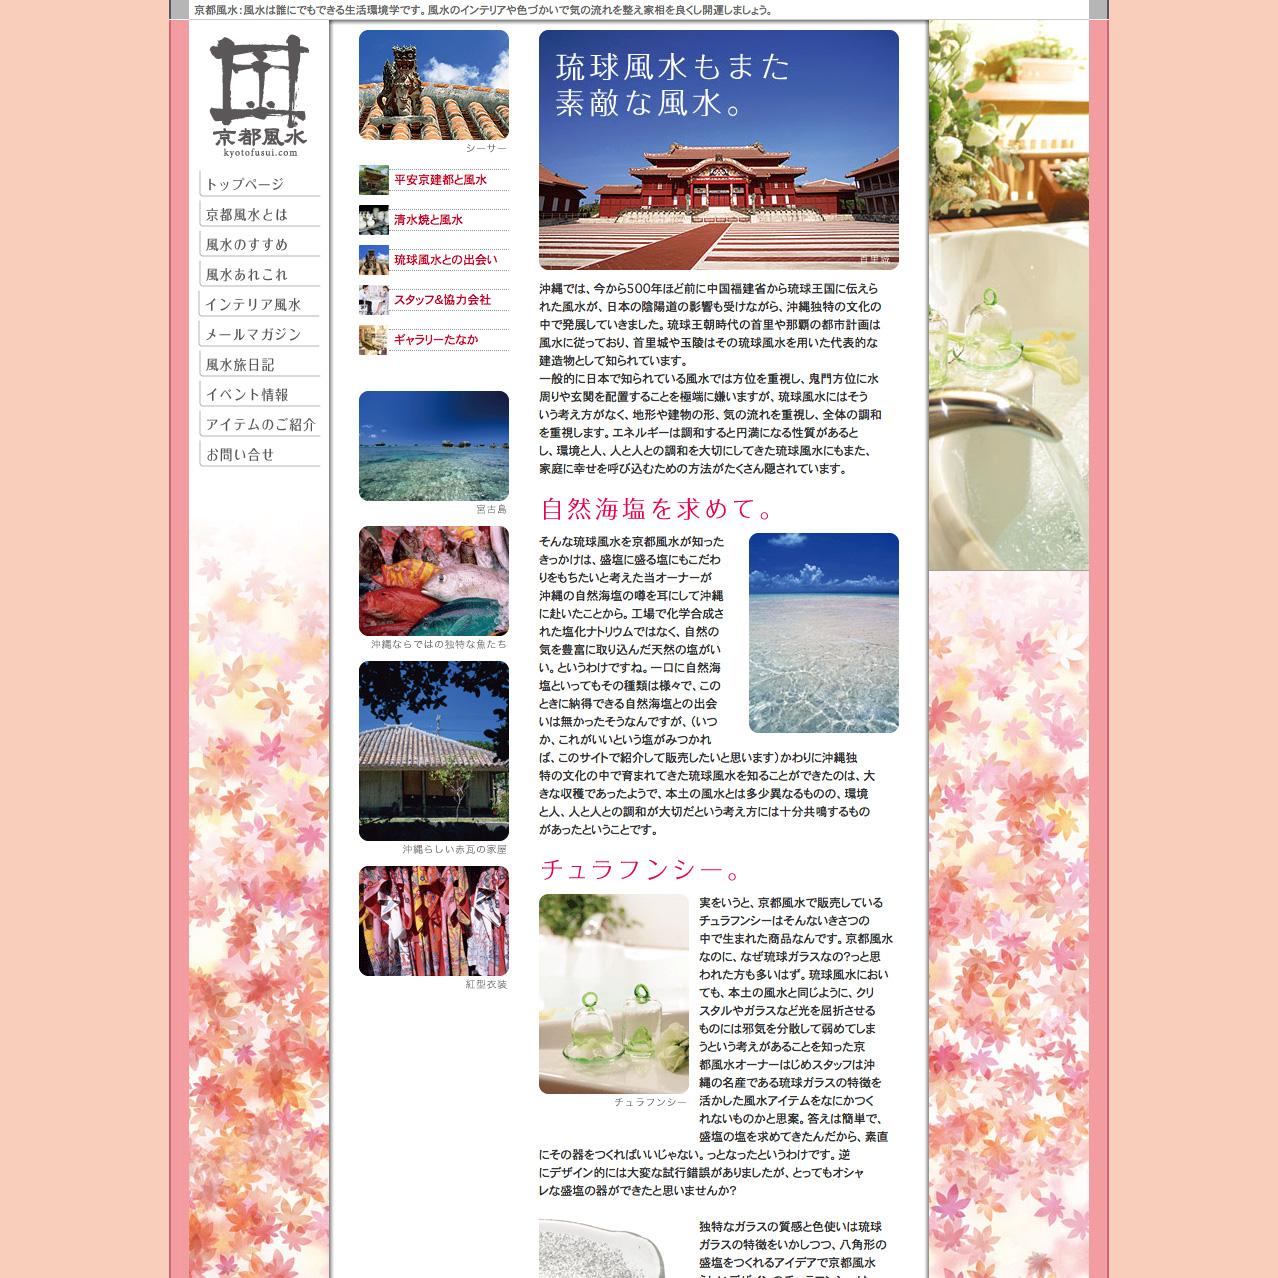 京都風水 琉球風水との出会い